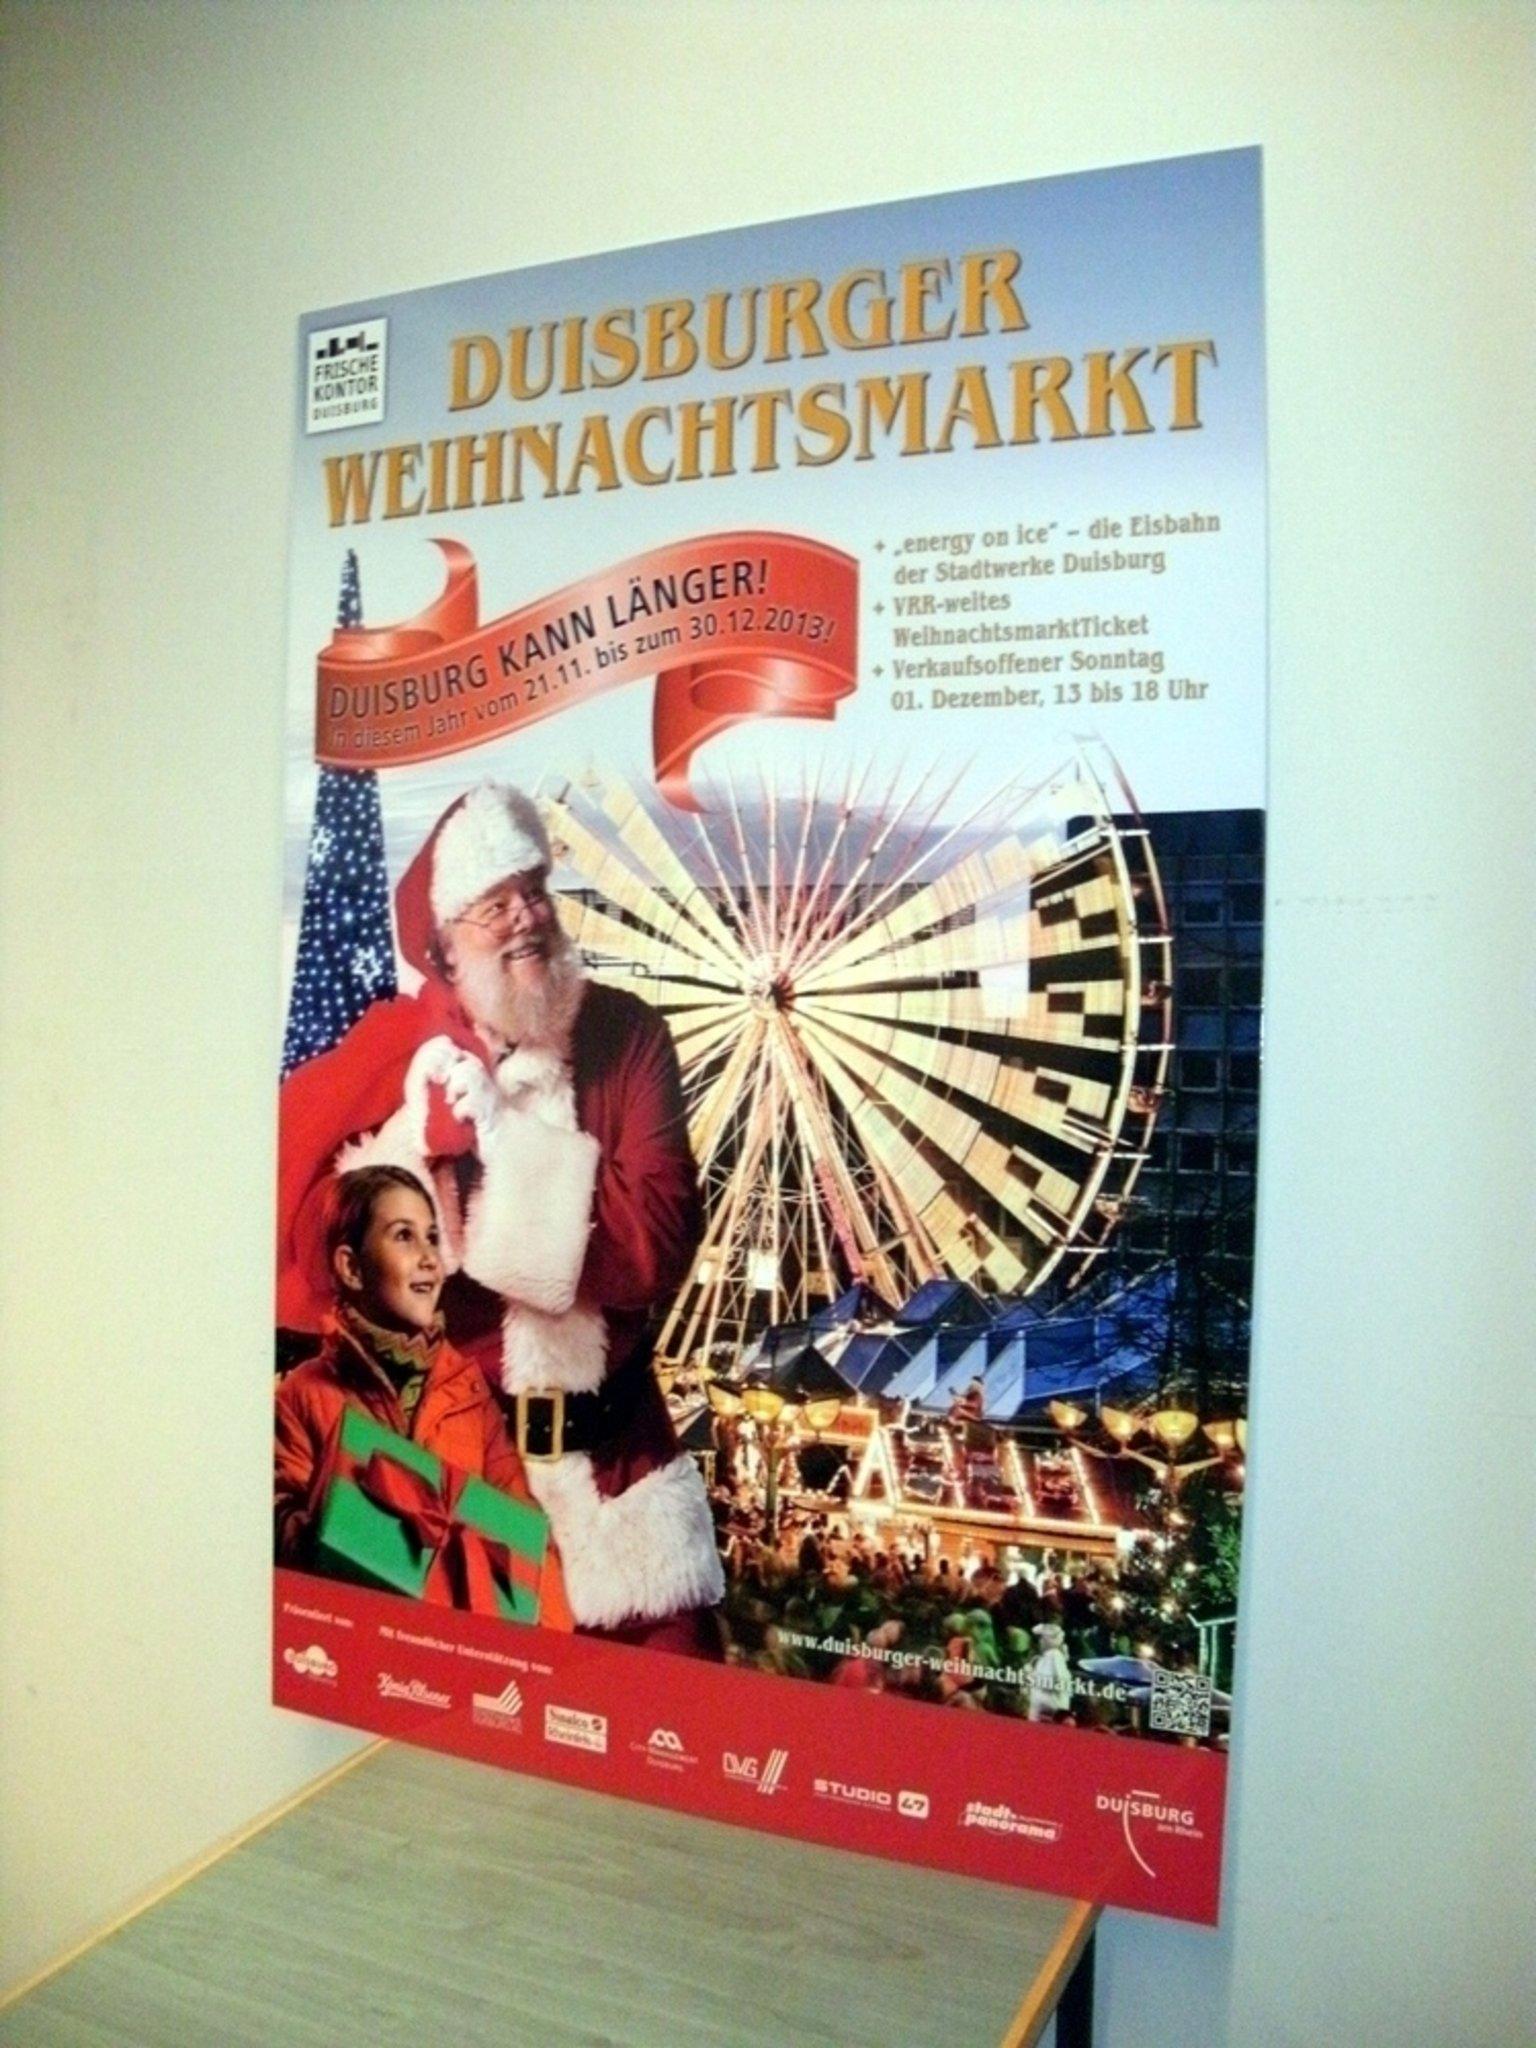 Weihnachtsmarkt Länger Als 24 12.Duisburg Kann Länger Weihnachtsmarkt In Diesem Jahr Vom 21 11 Bis